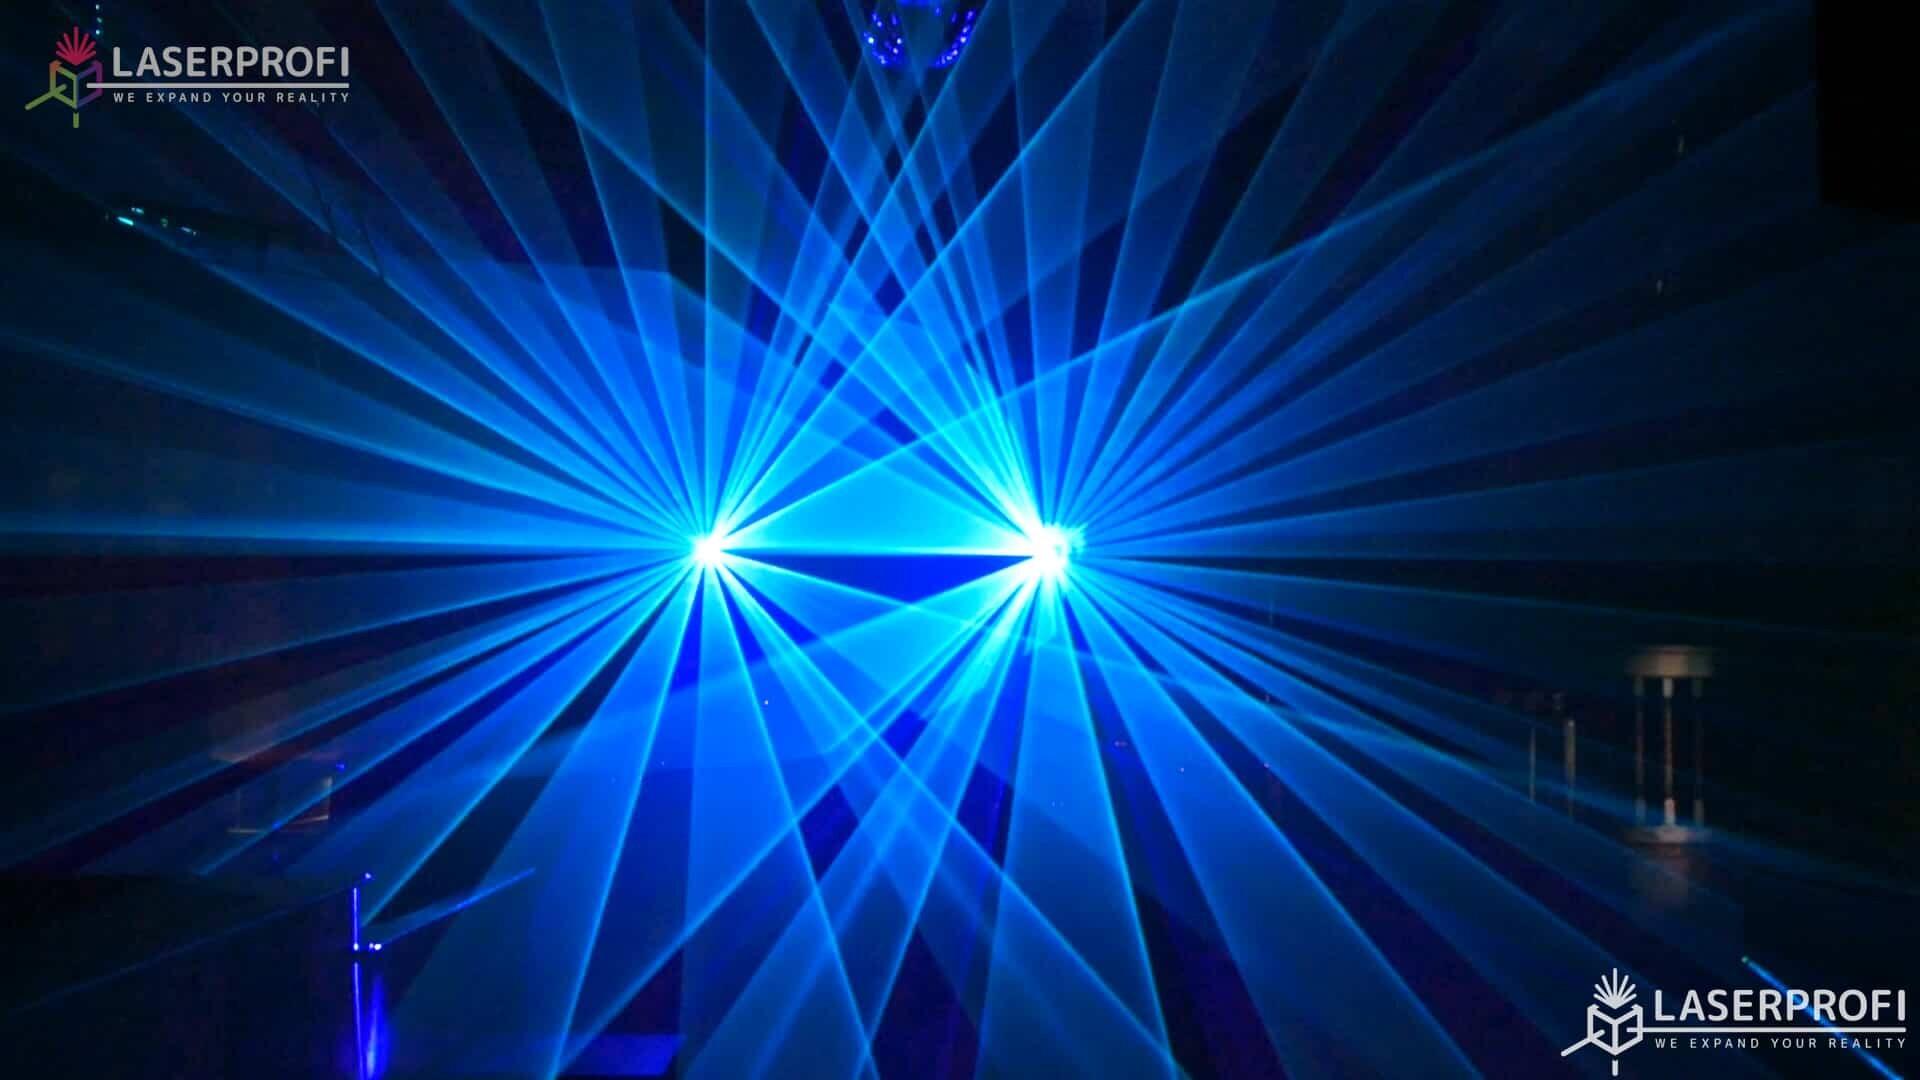 Pokaz laserowy przestrzenny - niebieskie wiązki laserowe